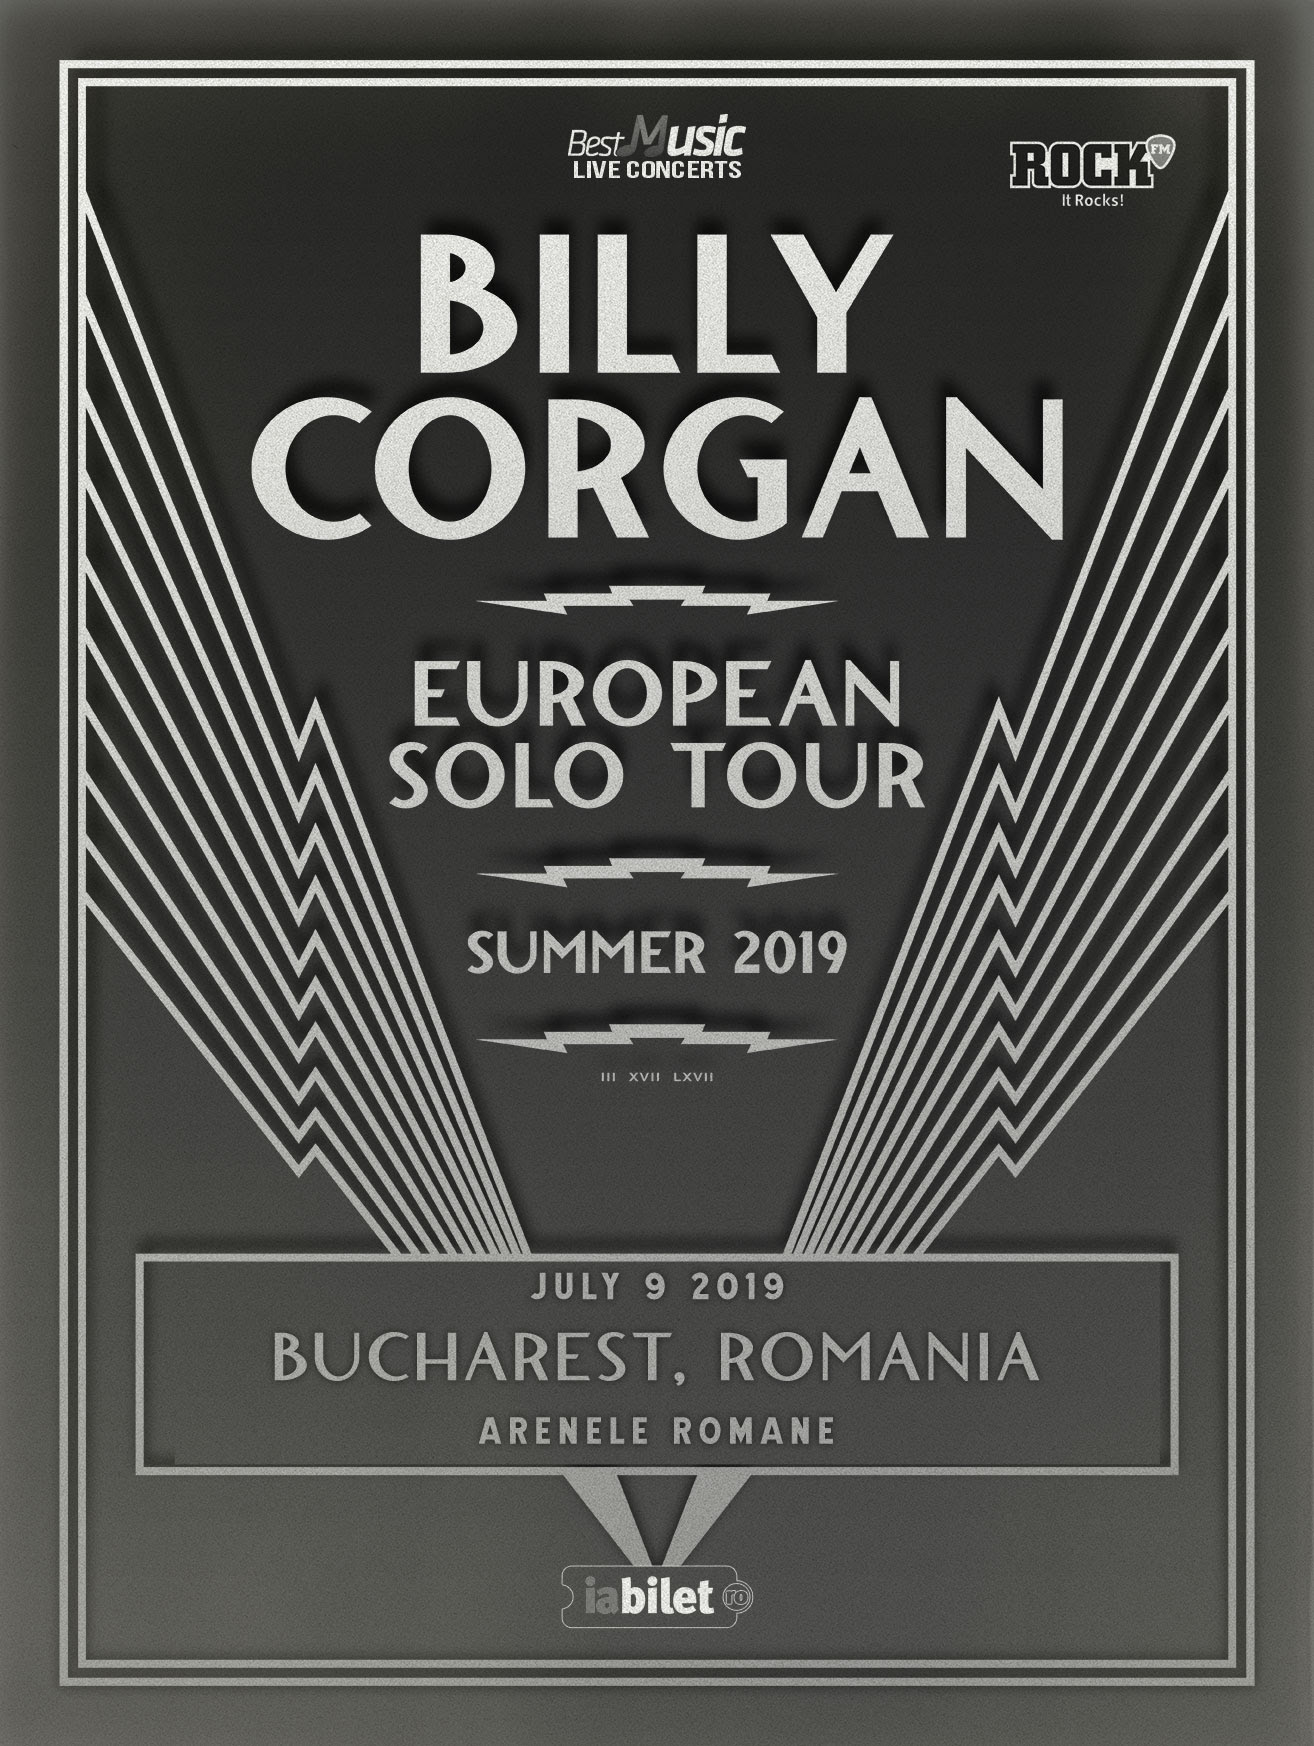 afis Billy Corgan